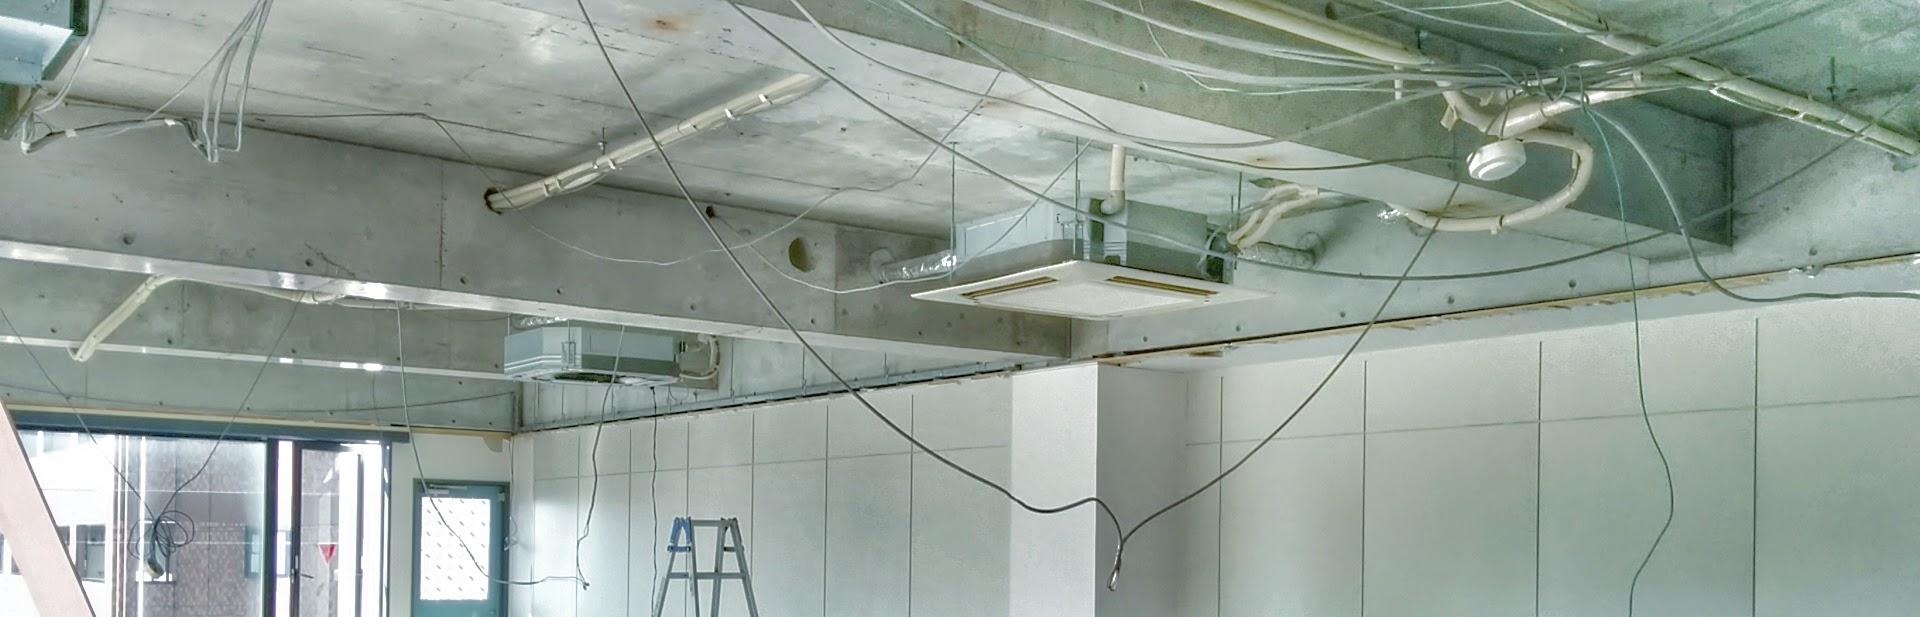 コンクリート打ちっぱなし天井|すずろメンタルクリニック